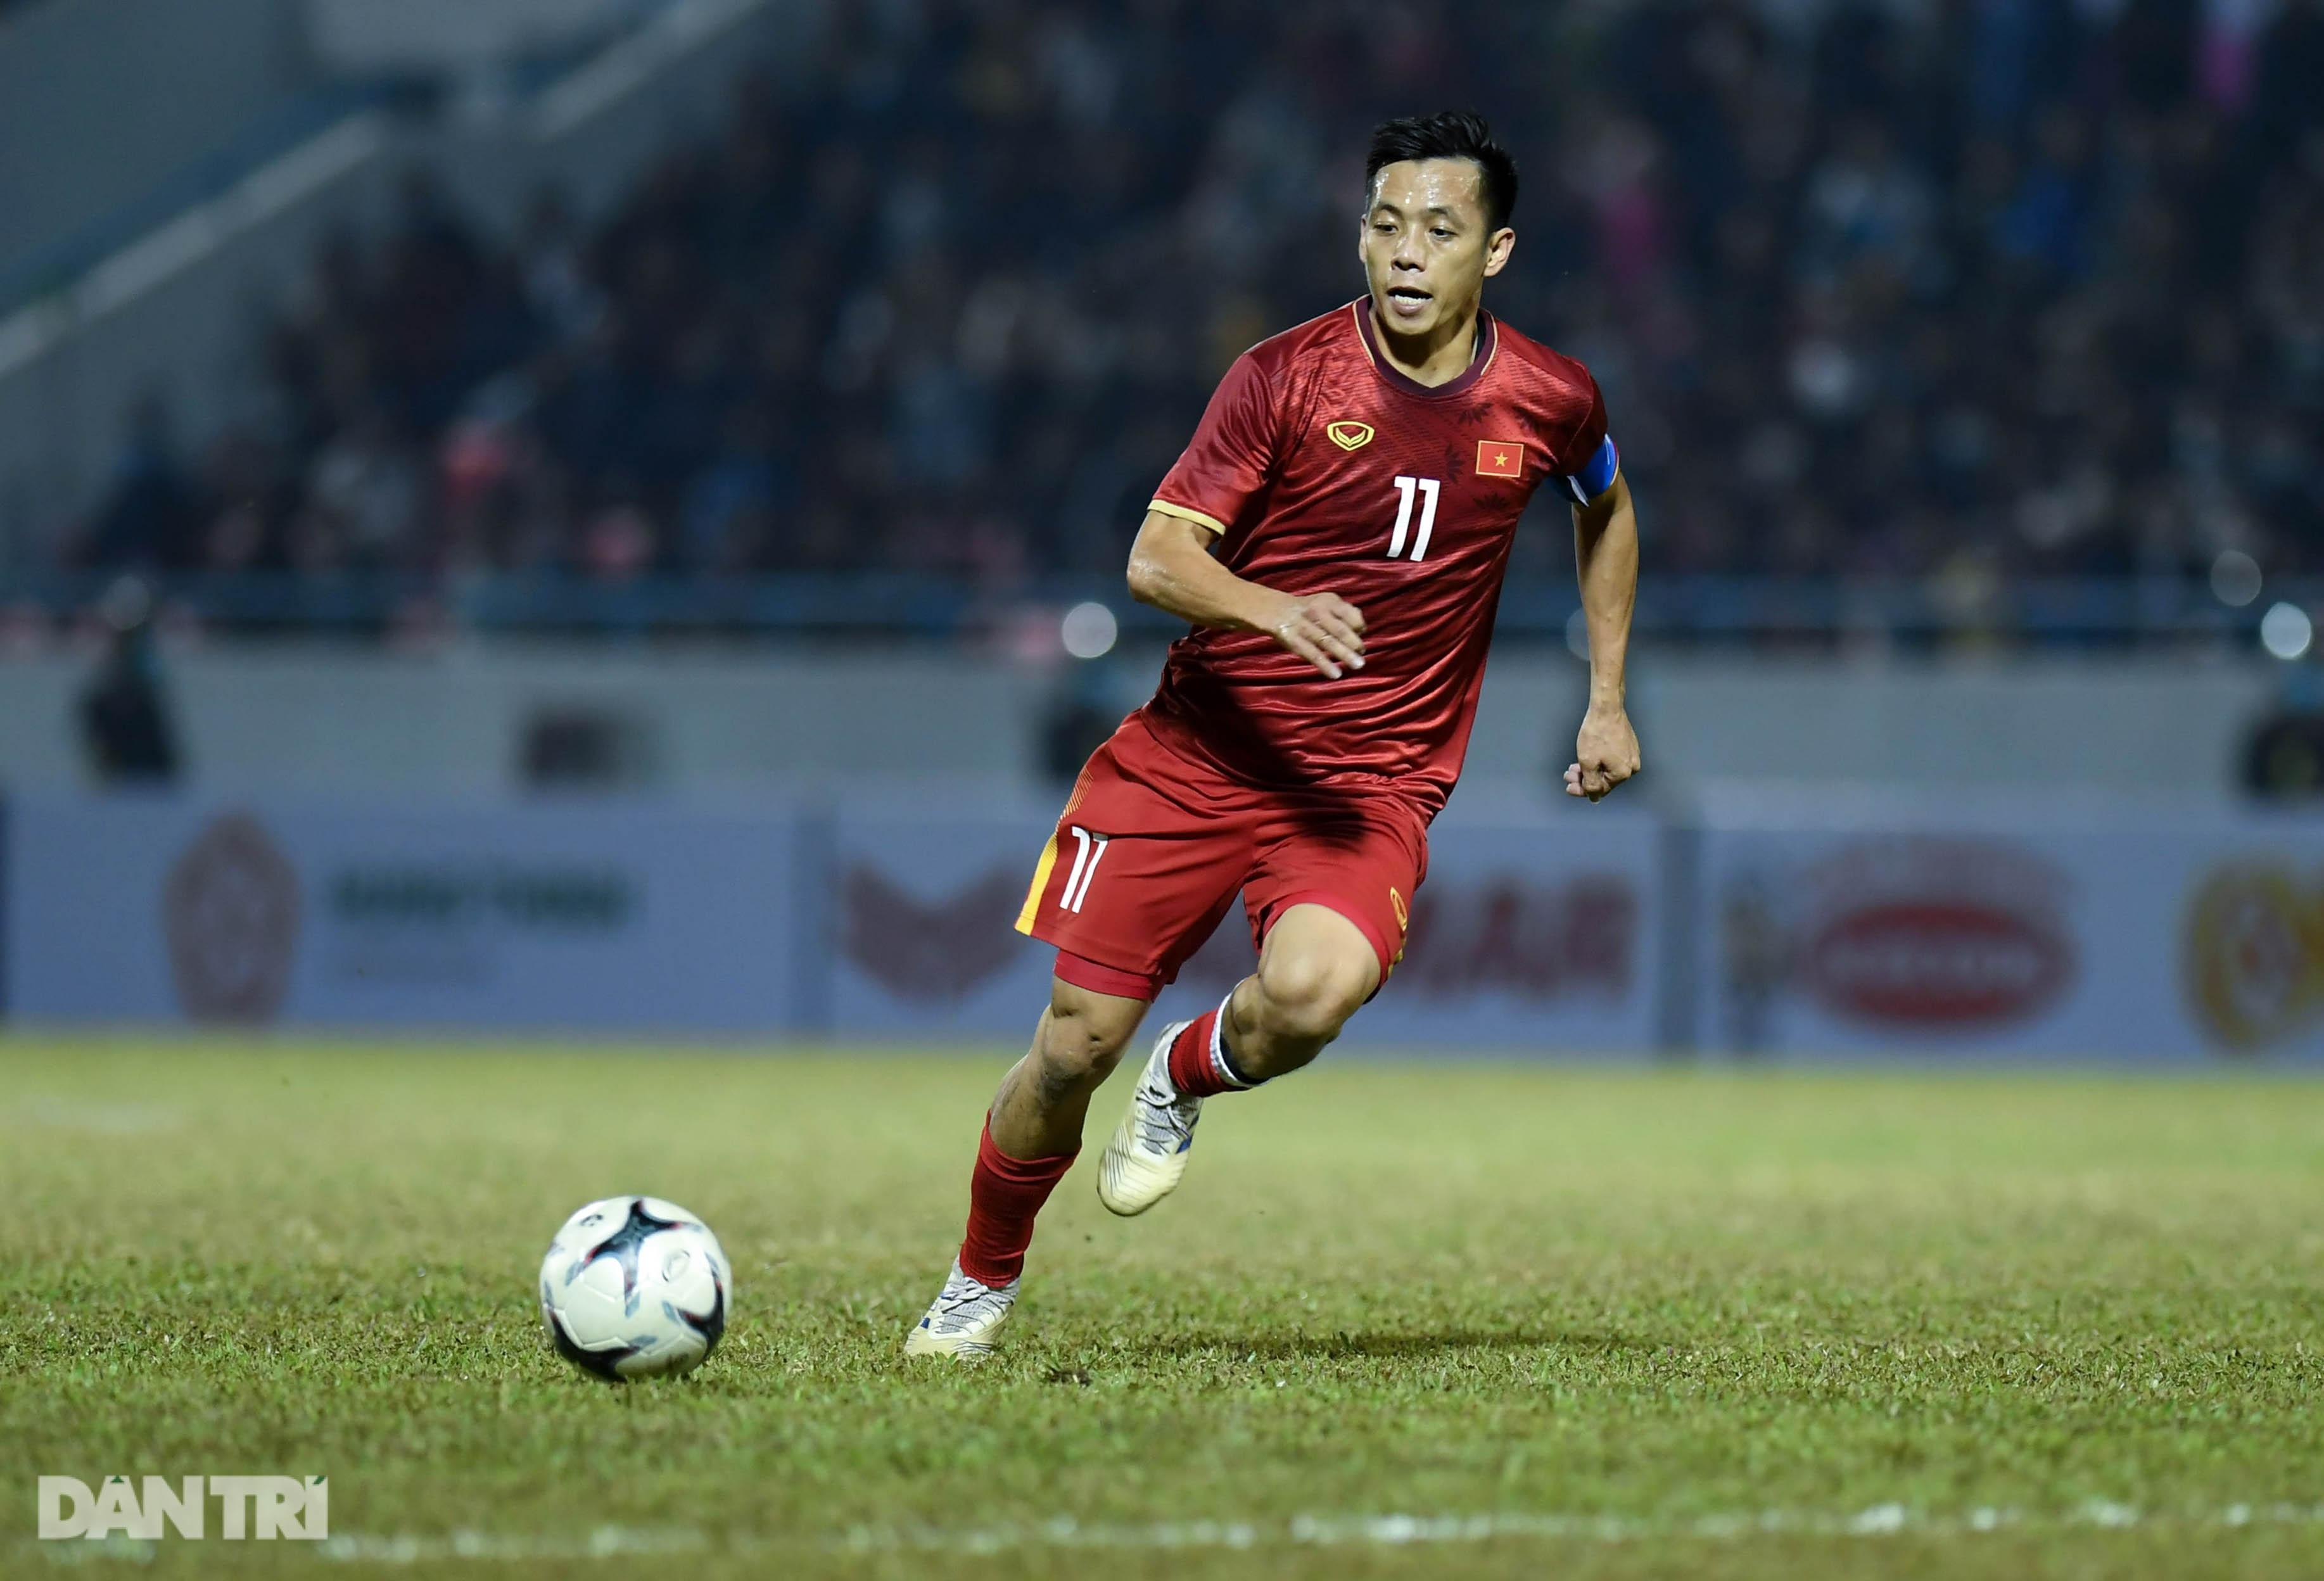 Văn Quyết ghi điểm trong chiến thắng của tuyển Việt Nam trước đàn em U22 - 7